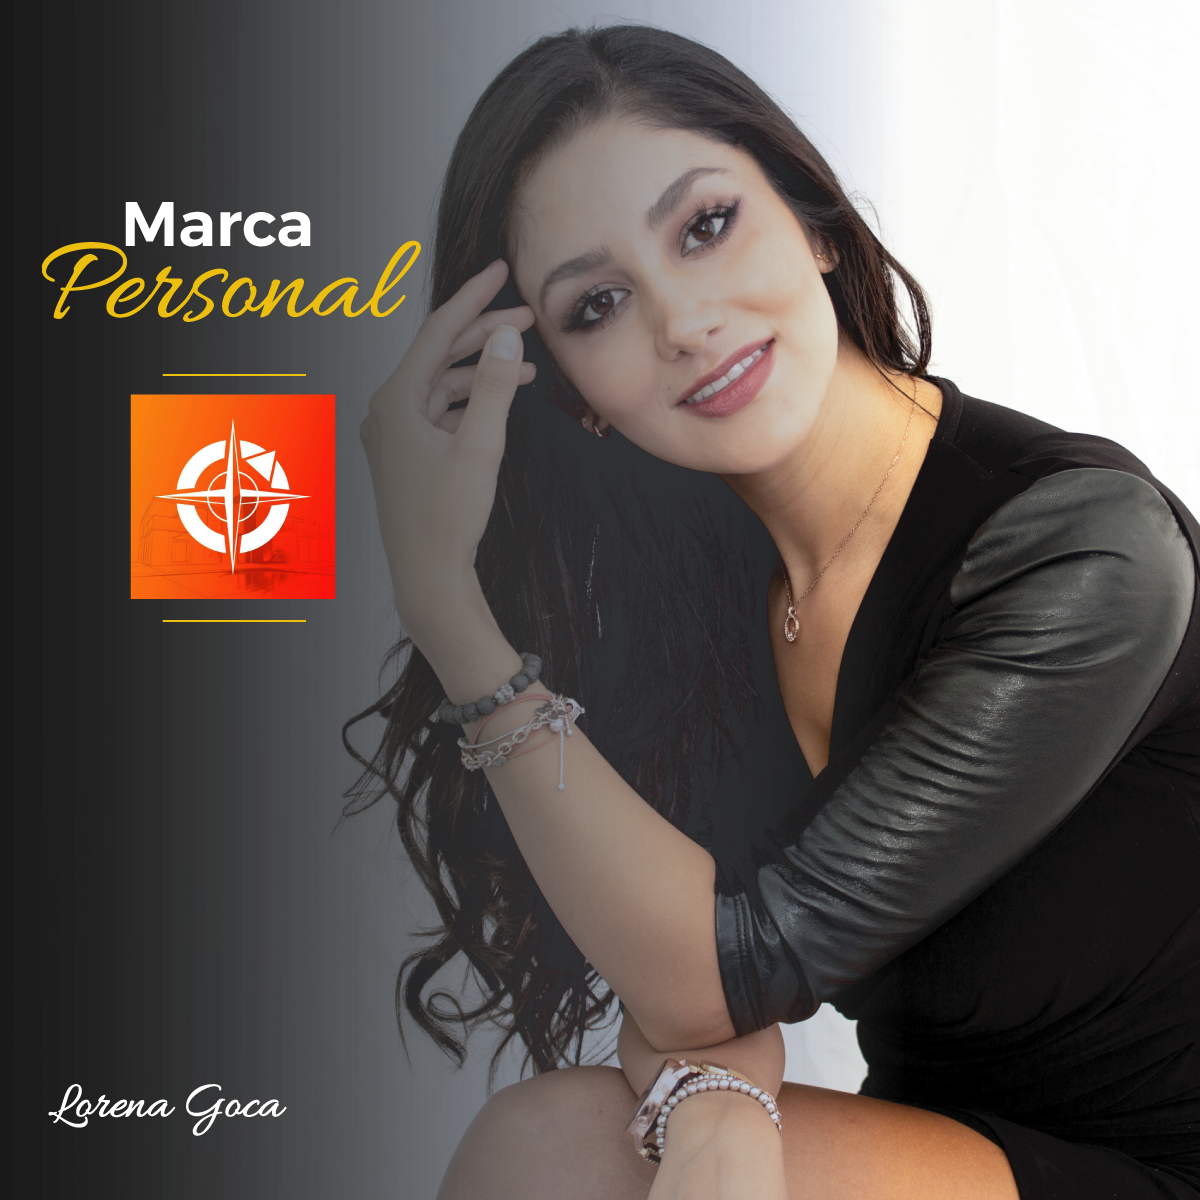 Lorena Goca